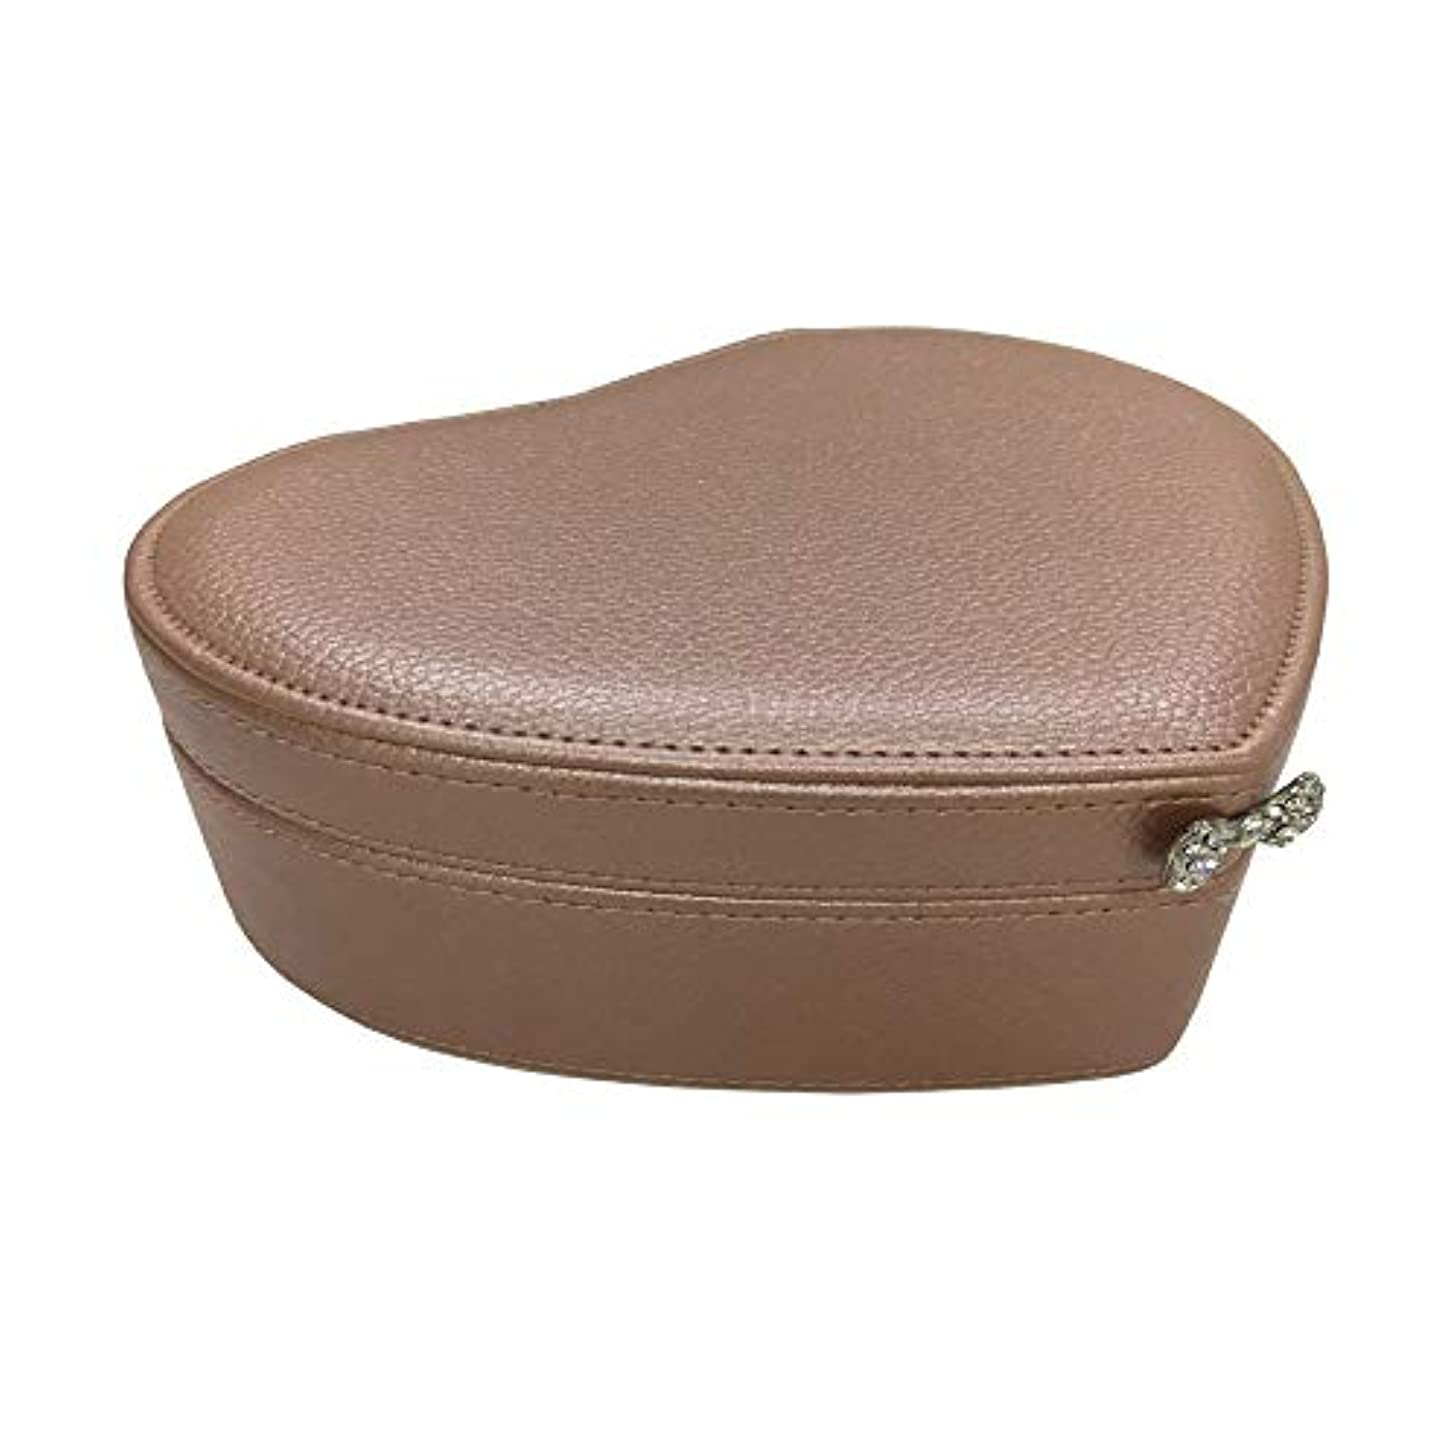 エンドテーブルソケット臭い化粧オーガナイザーバッグ 小さなアイテムのストレージのための丈夫な女性のジュエリーのストレージペーパーボックス 化粧品ケース (色 : 褐色)